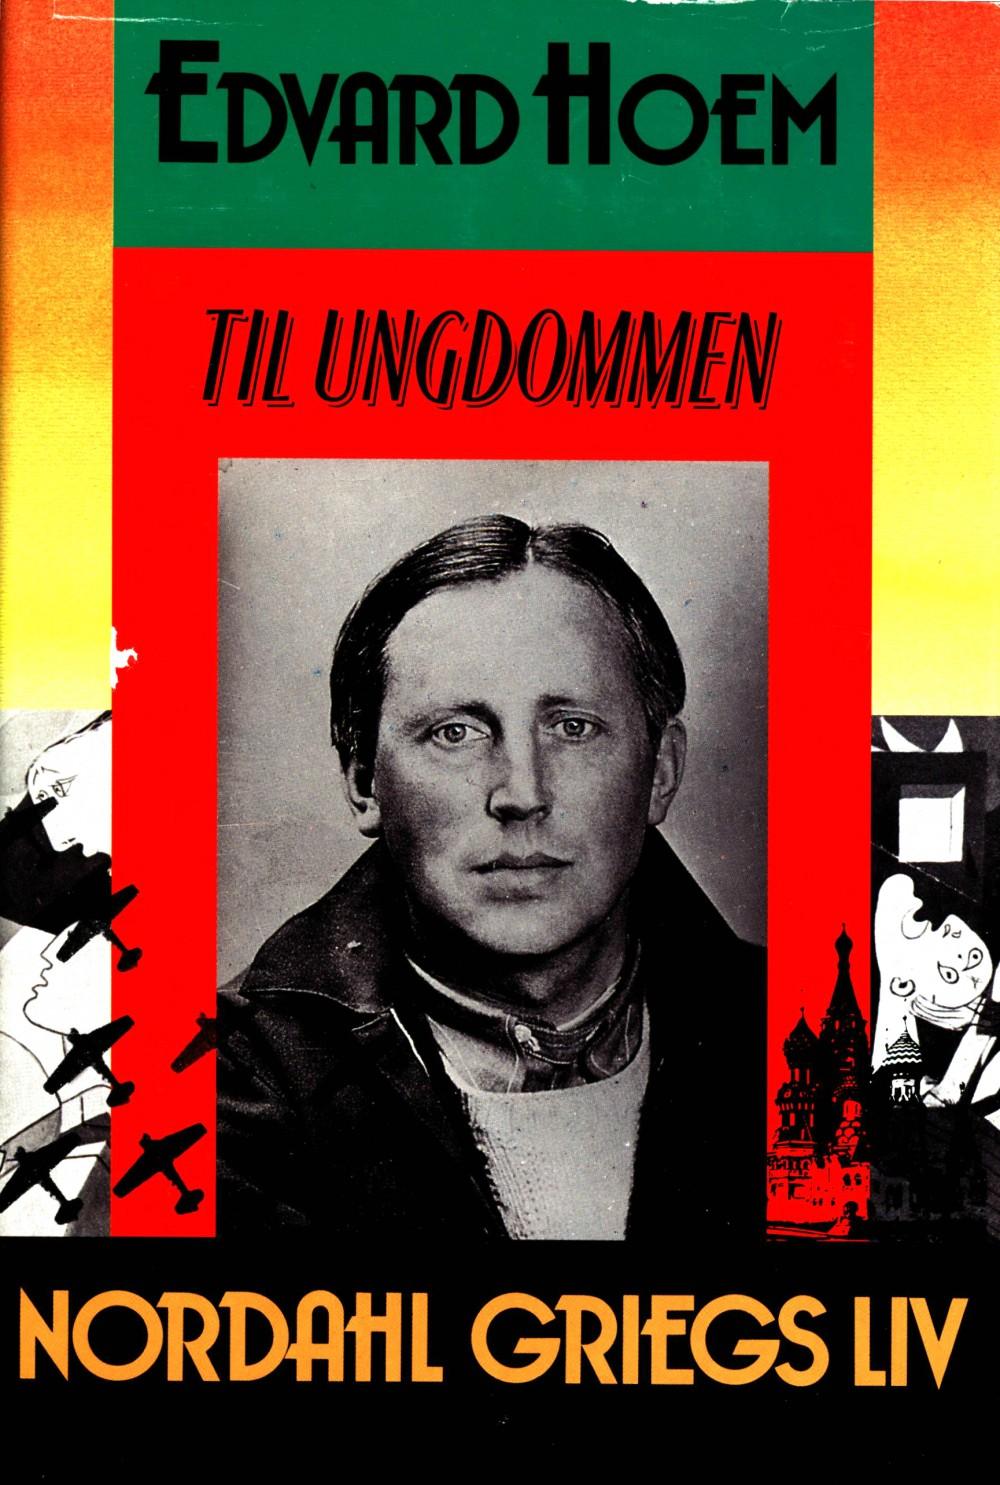 Edvard Hoem: Til ungdommen - Nordahl Griegs liv